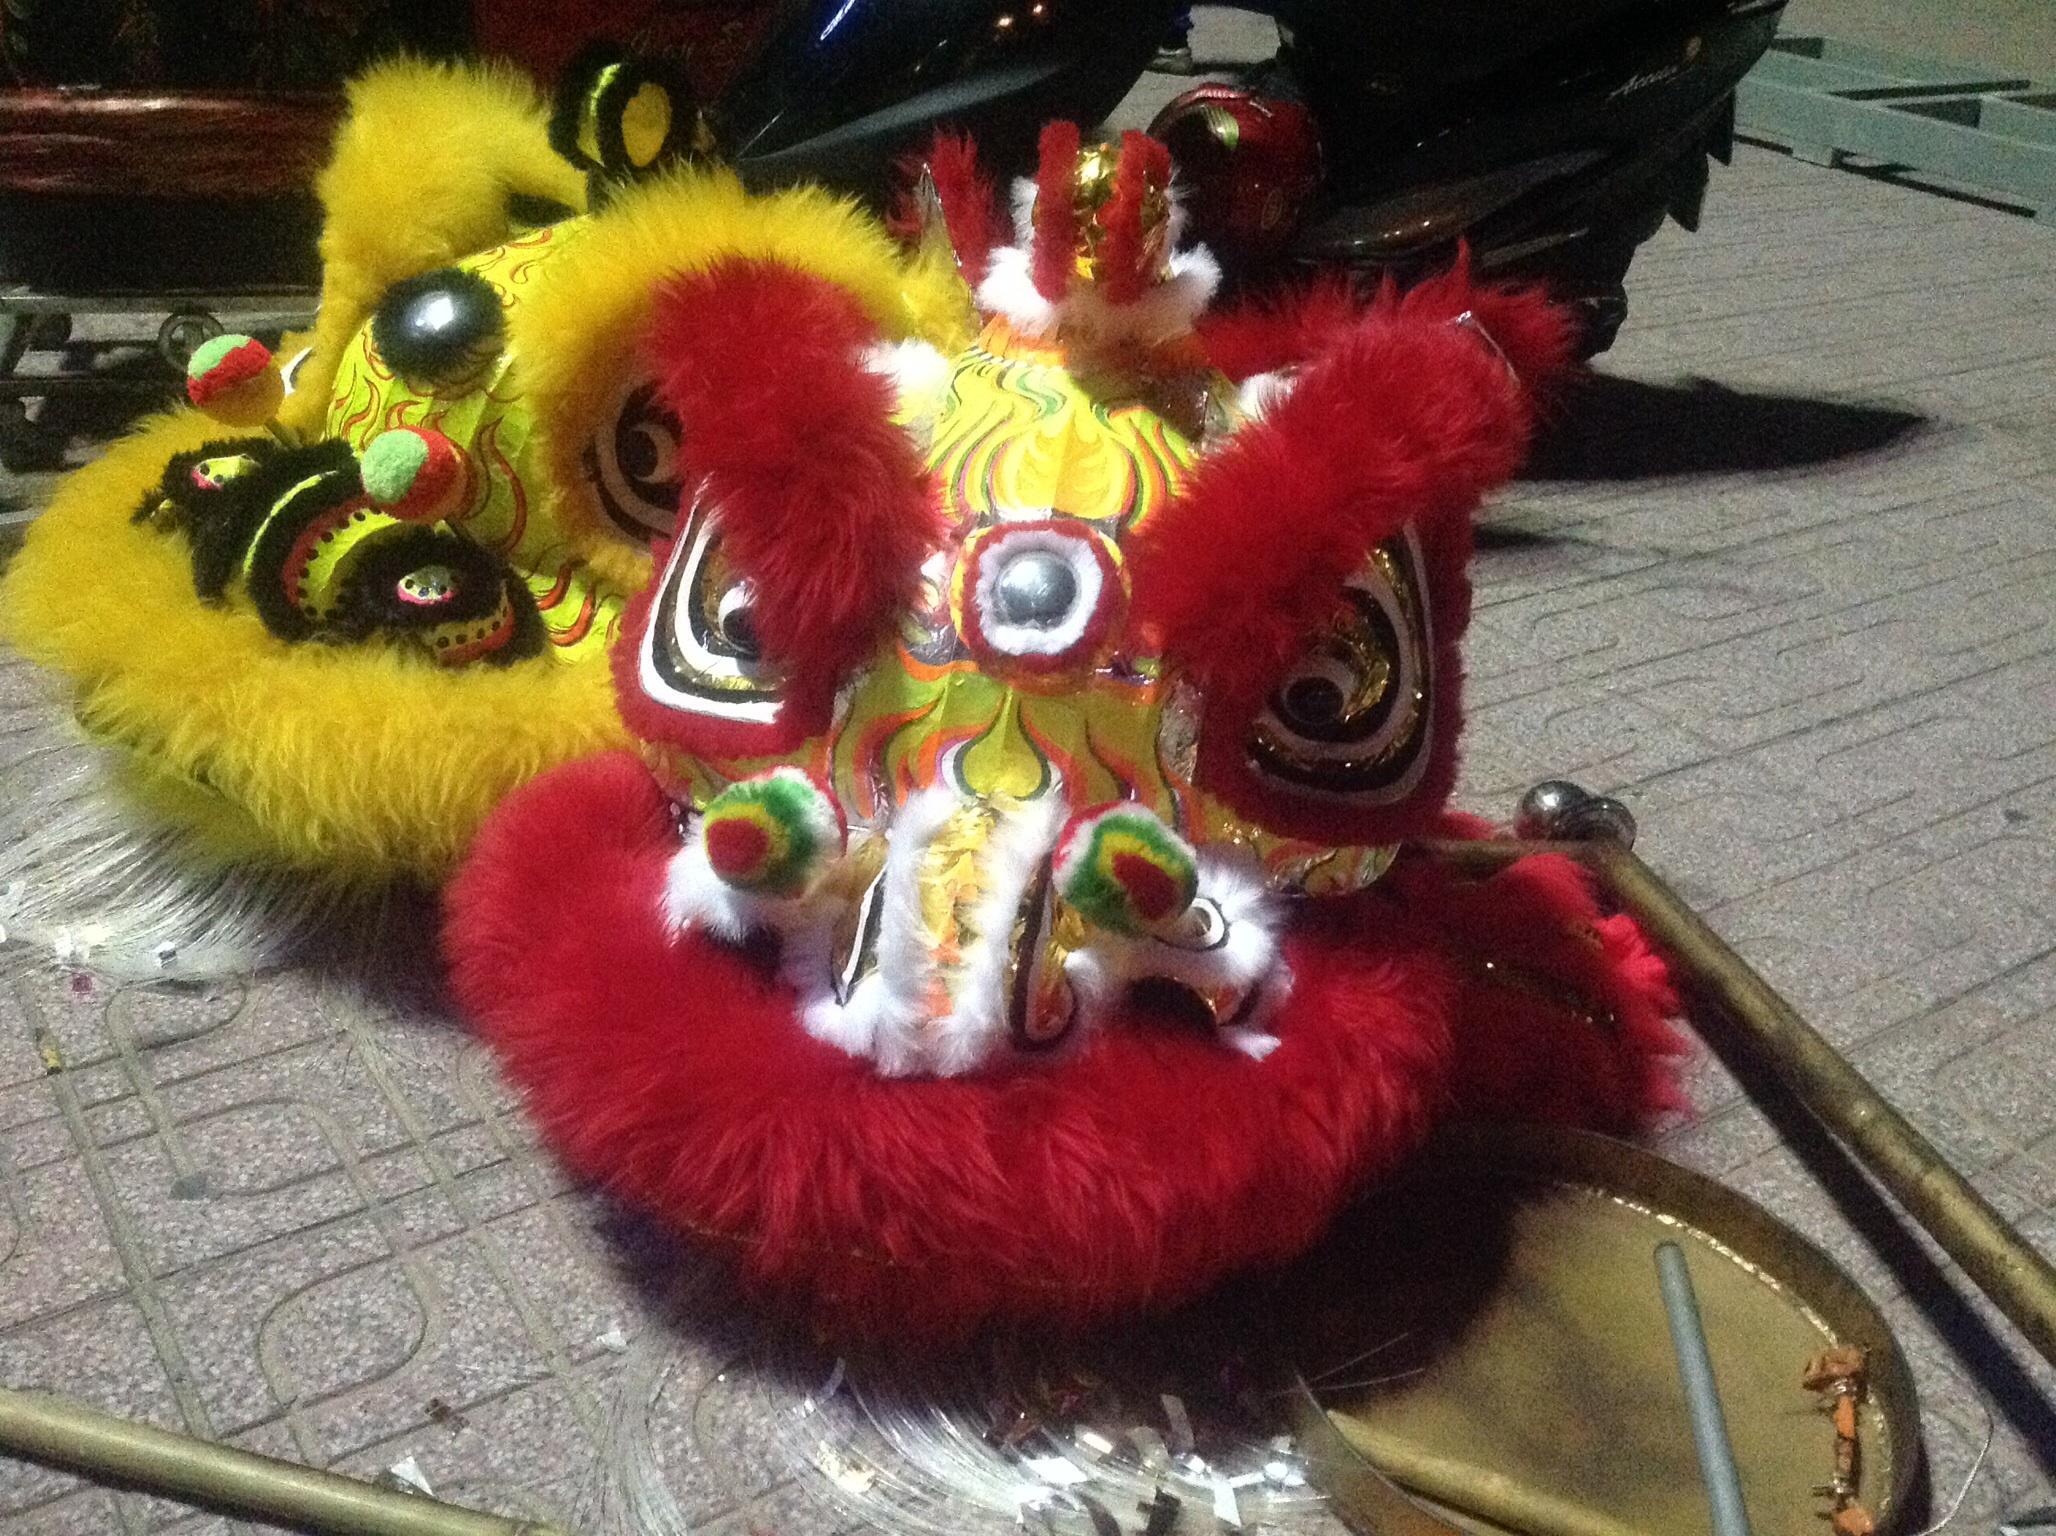 Happy Clappy New Lunar Year